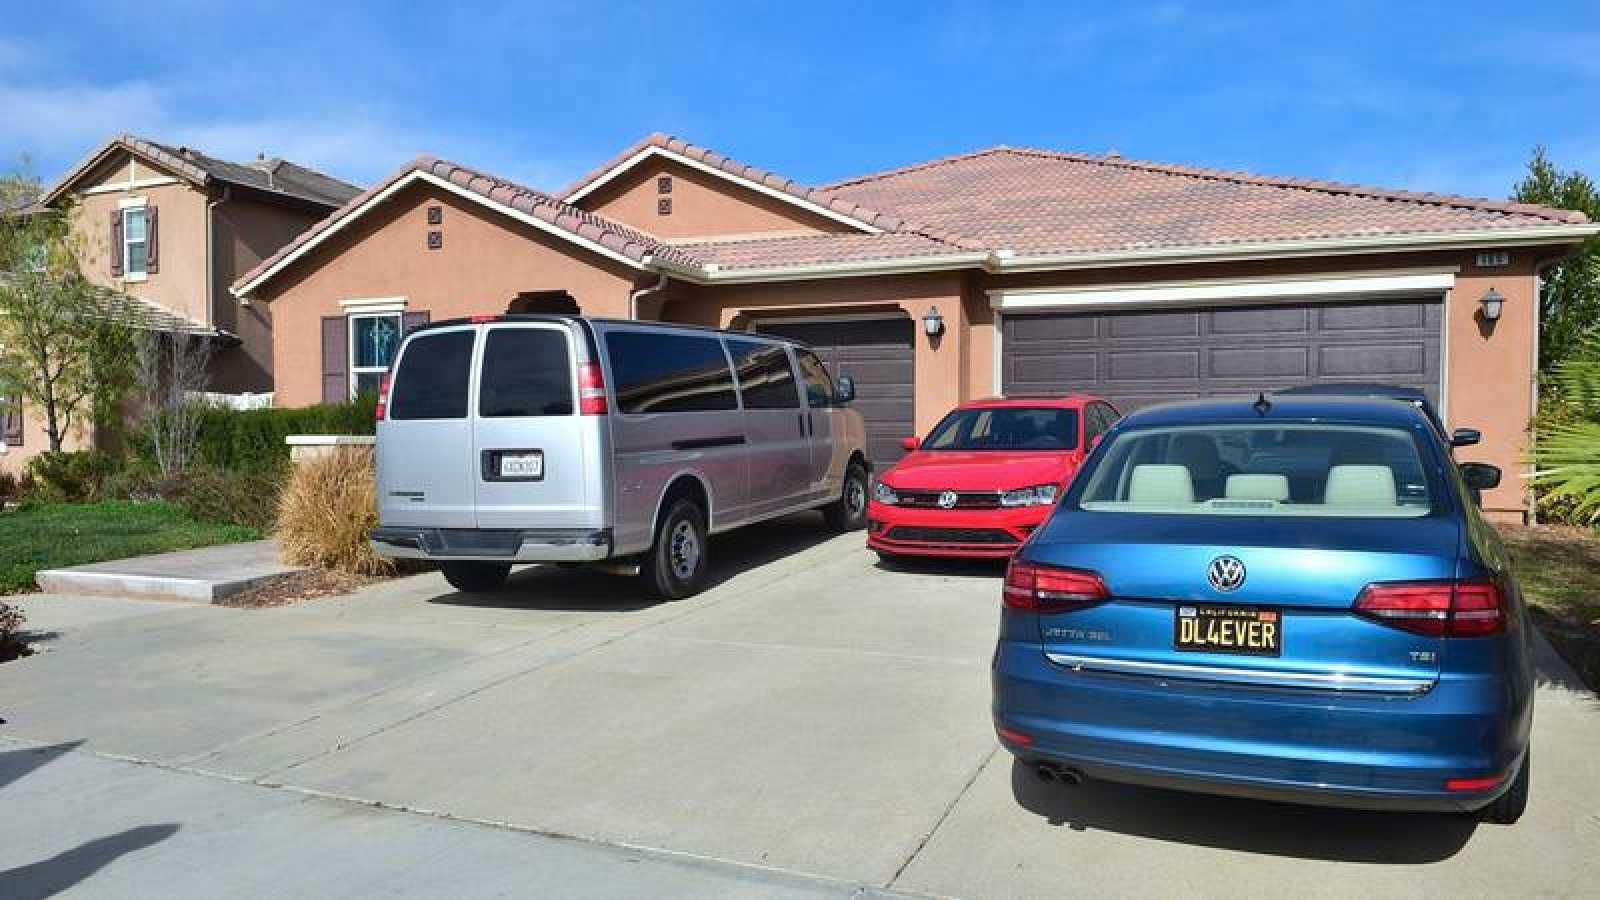 La casa donde los Turpin mantenían retenidos a sus 13 hijos, en Perris, California